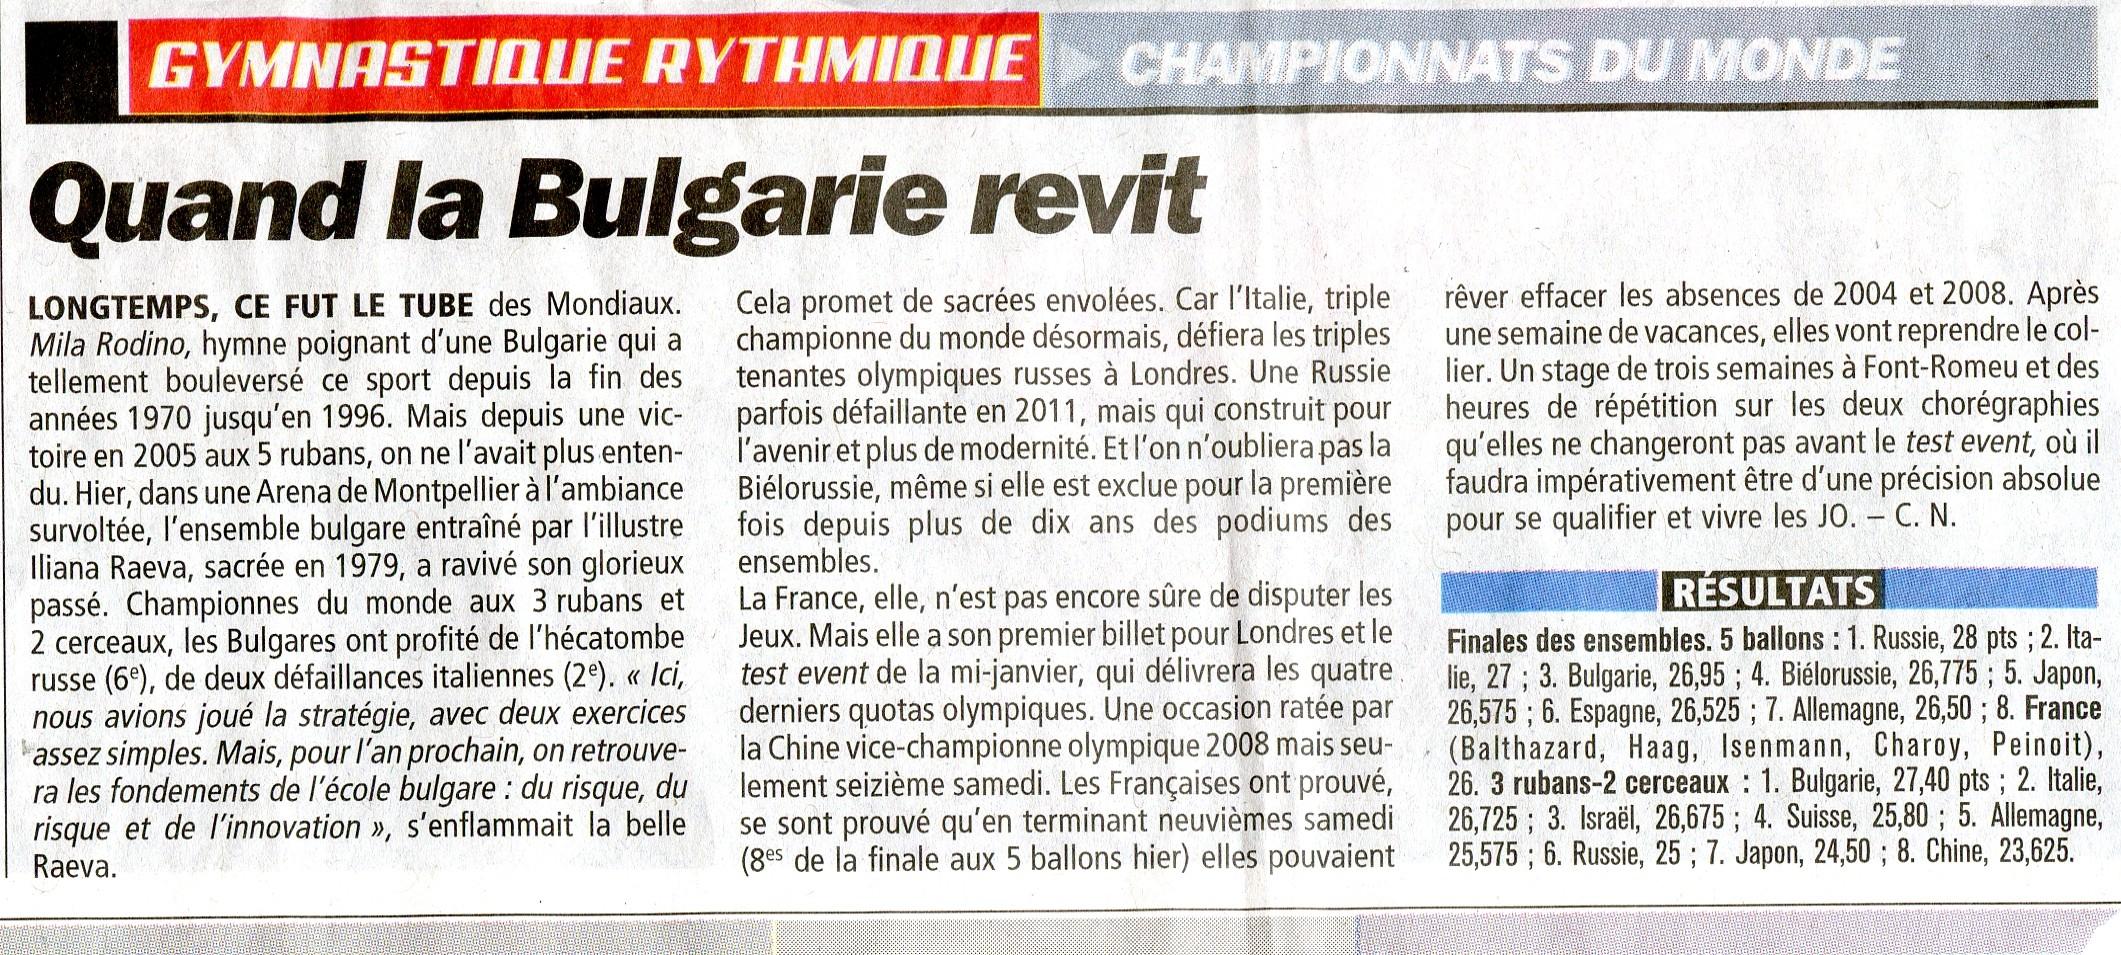 Equipe-CHPT-Monde-GR-2011001.jpg